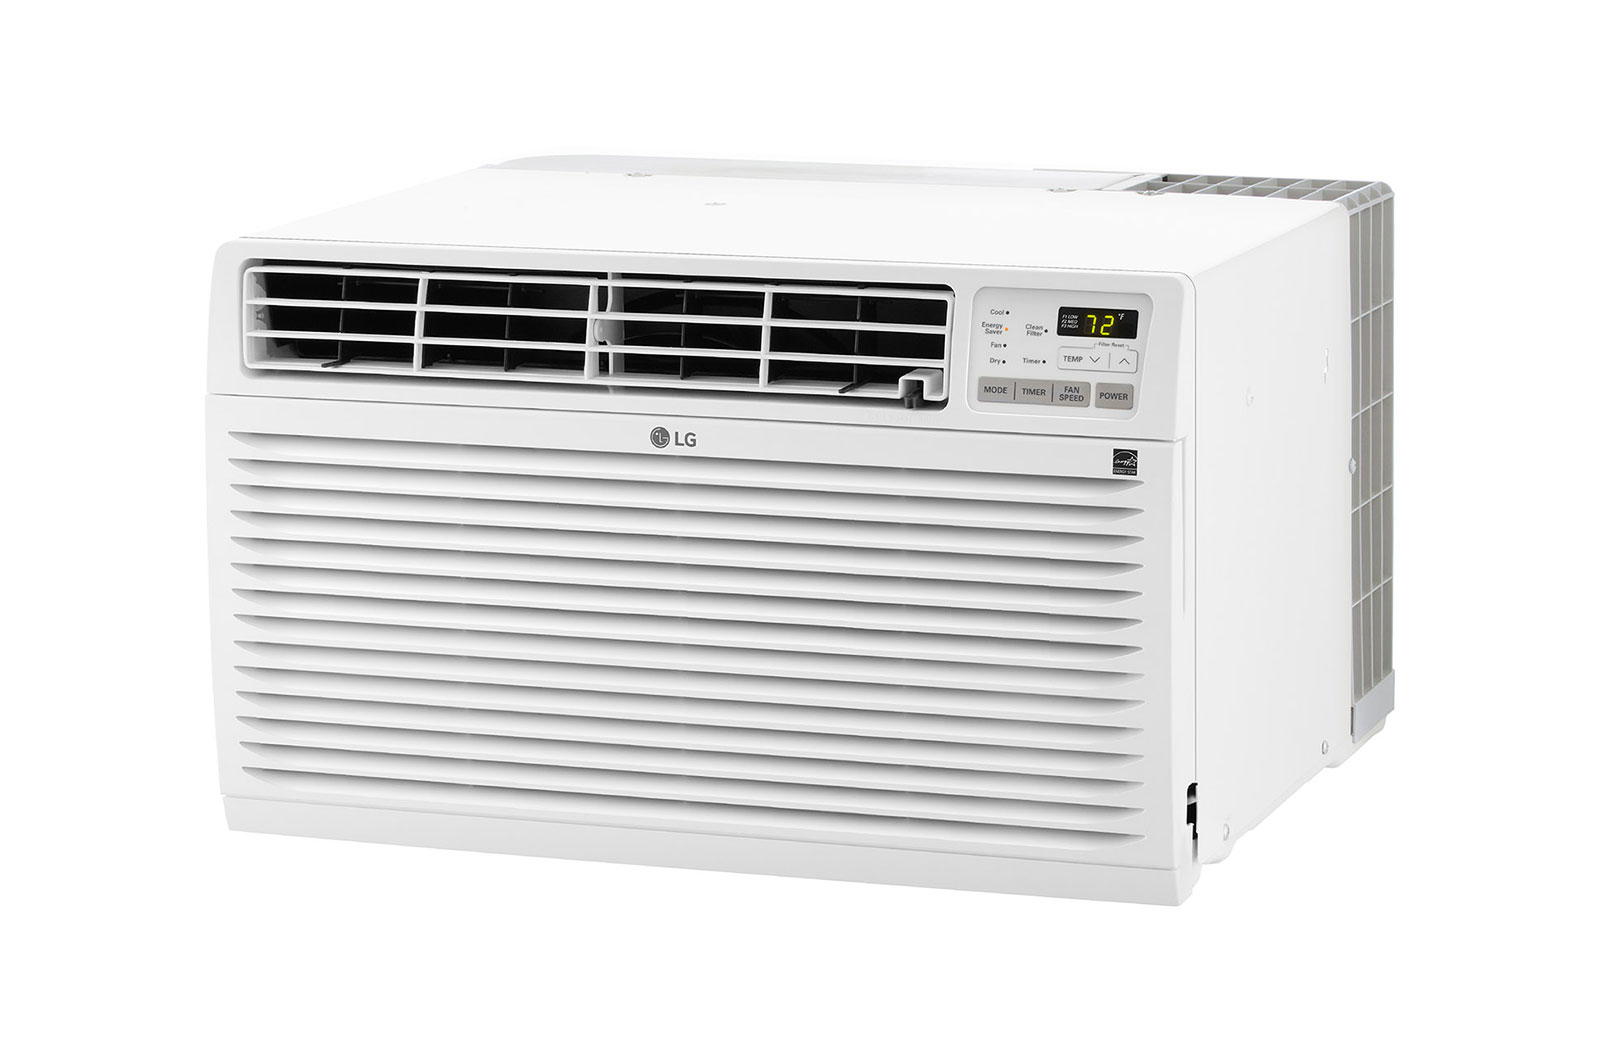 LG LT1430CNR 14000 BTU Through the Wall Air Conditioner - 208/230 Volts